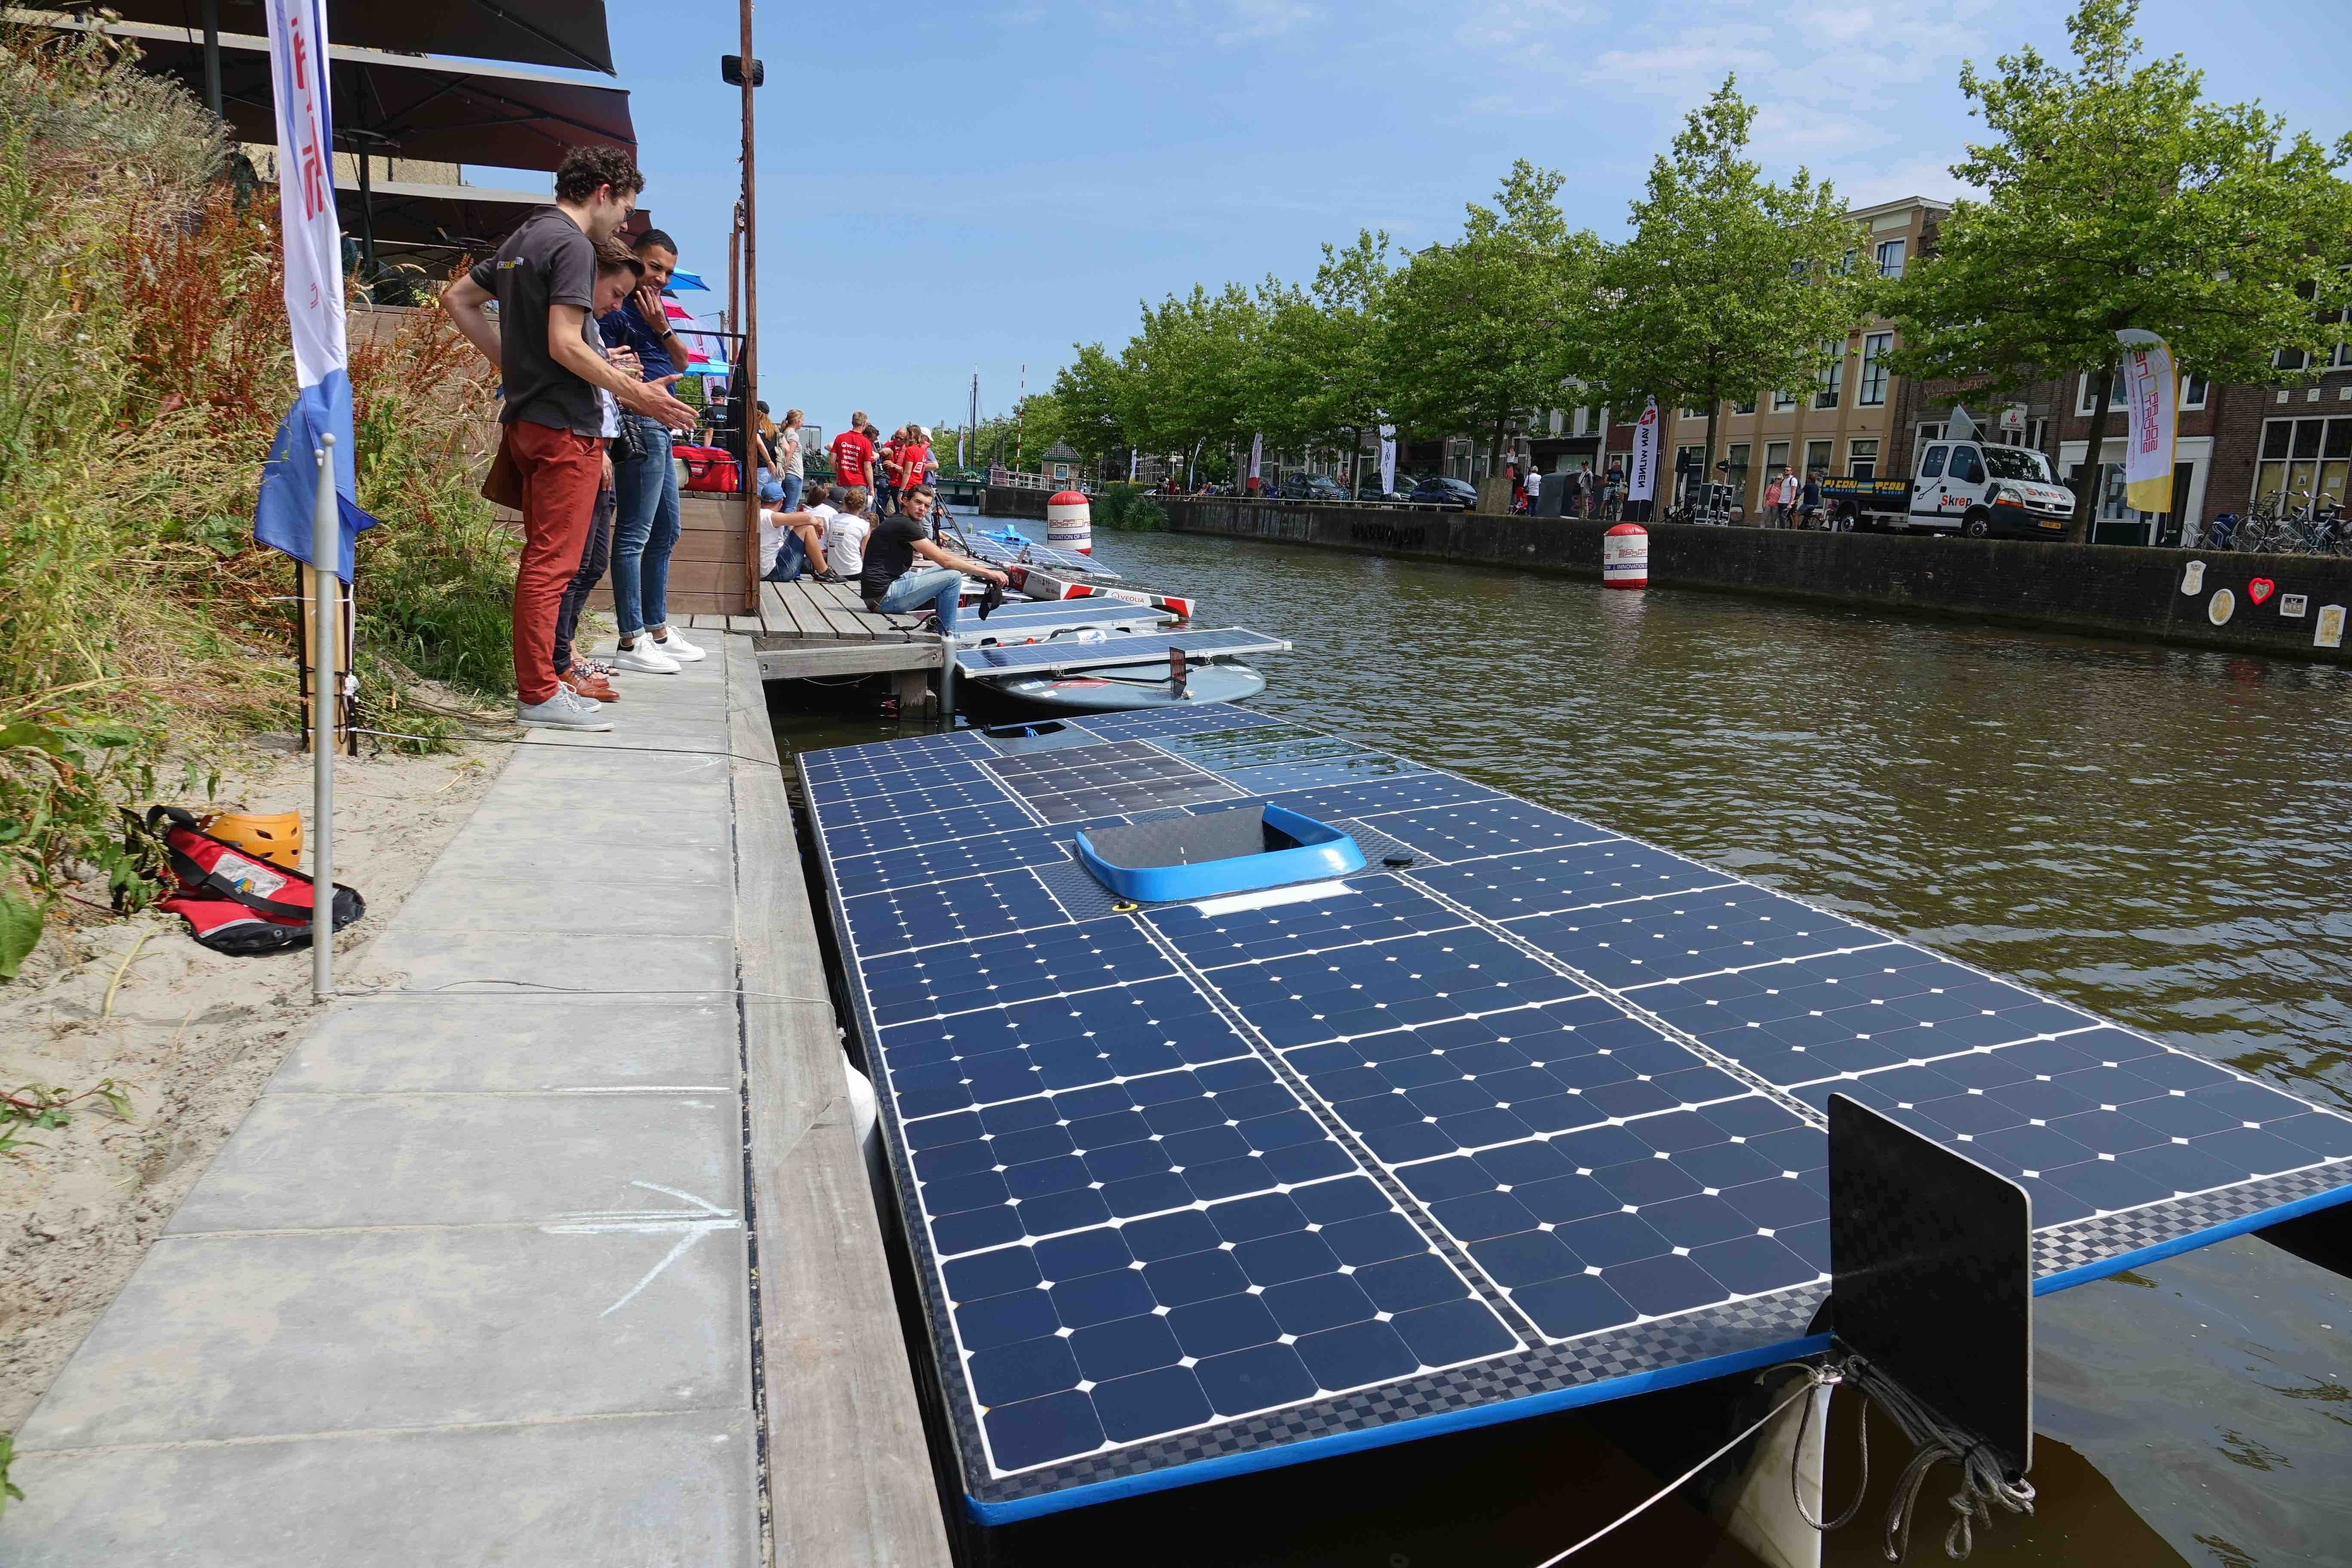 NaGa Solar - Dutch Solar Boat 06072018#DSC05554